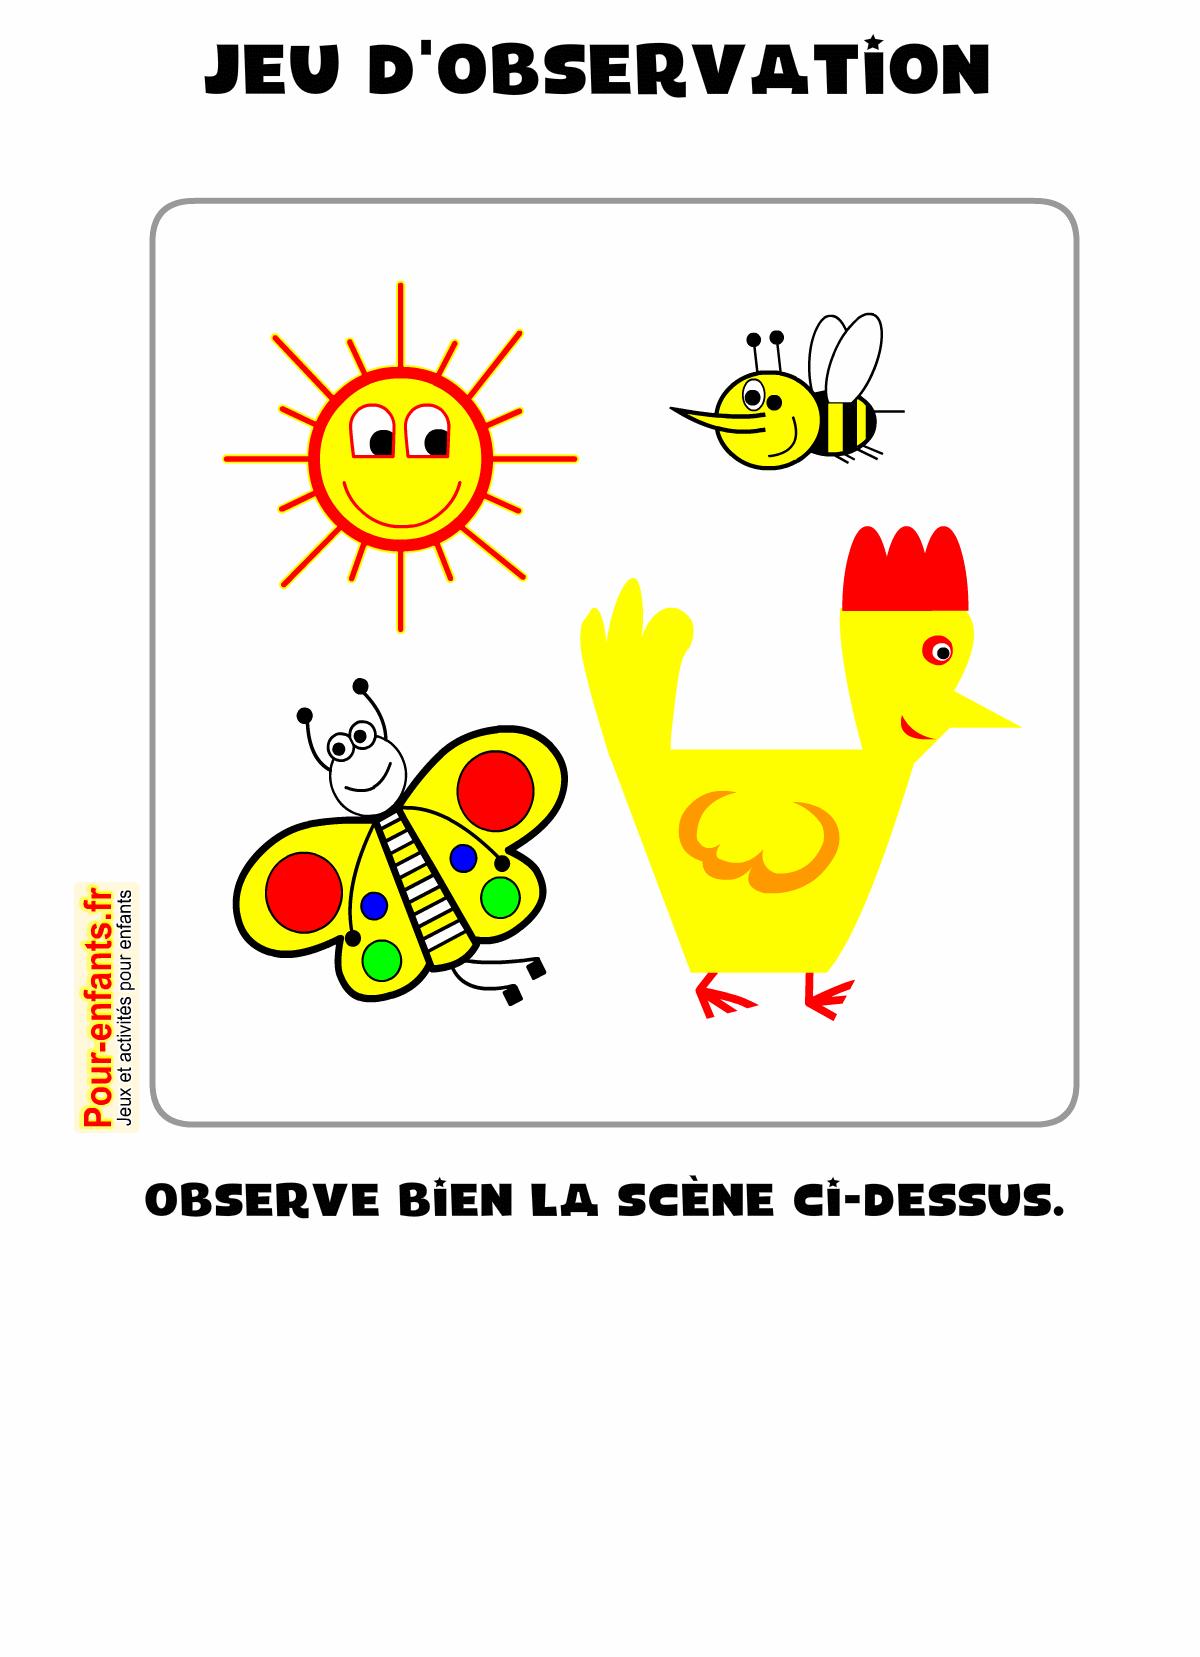 Jeux À Imprimer Jeu D'observation Gratuit Enfants Ps Ms Gs concernant Jeux Gratuit Maternelle